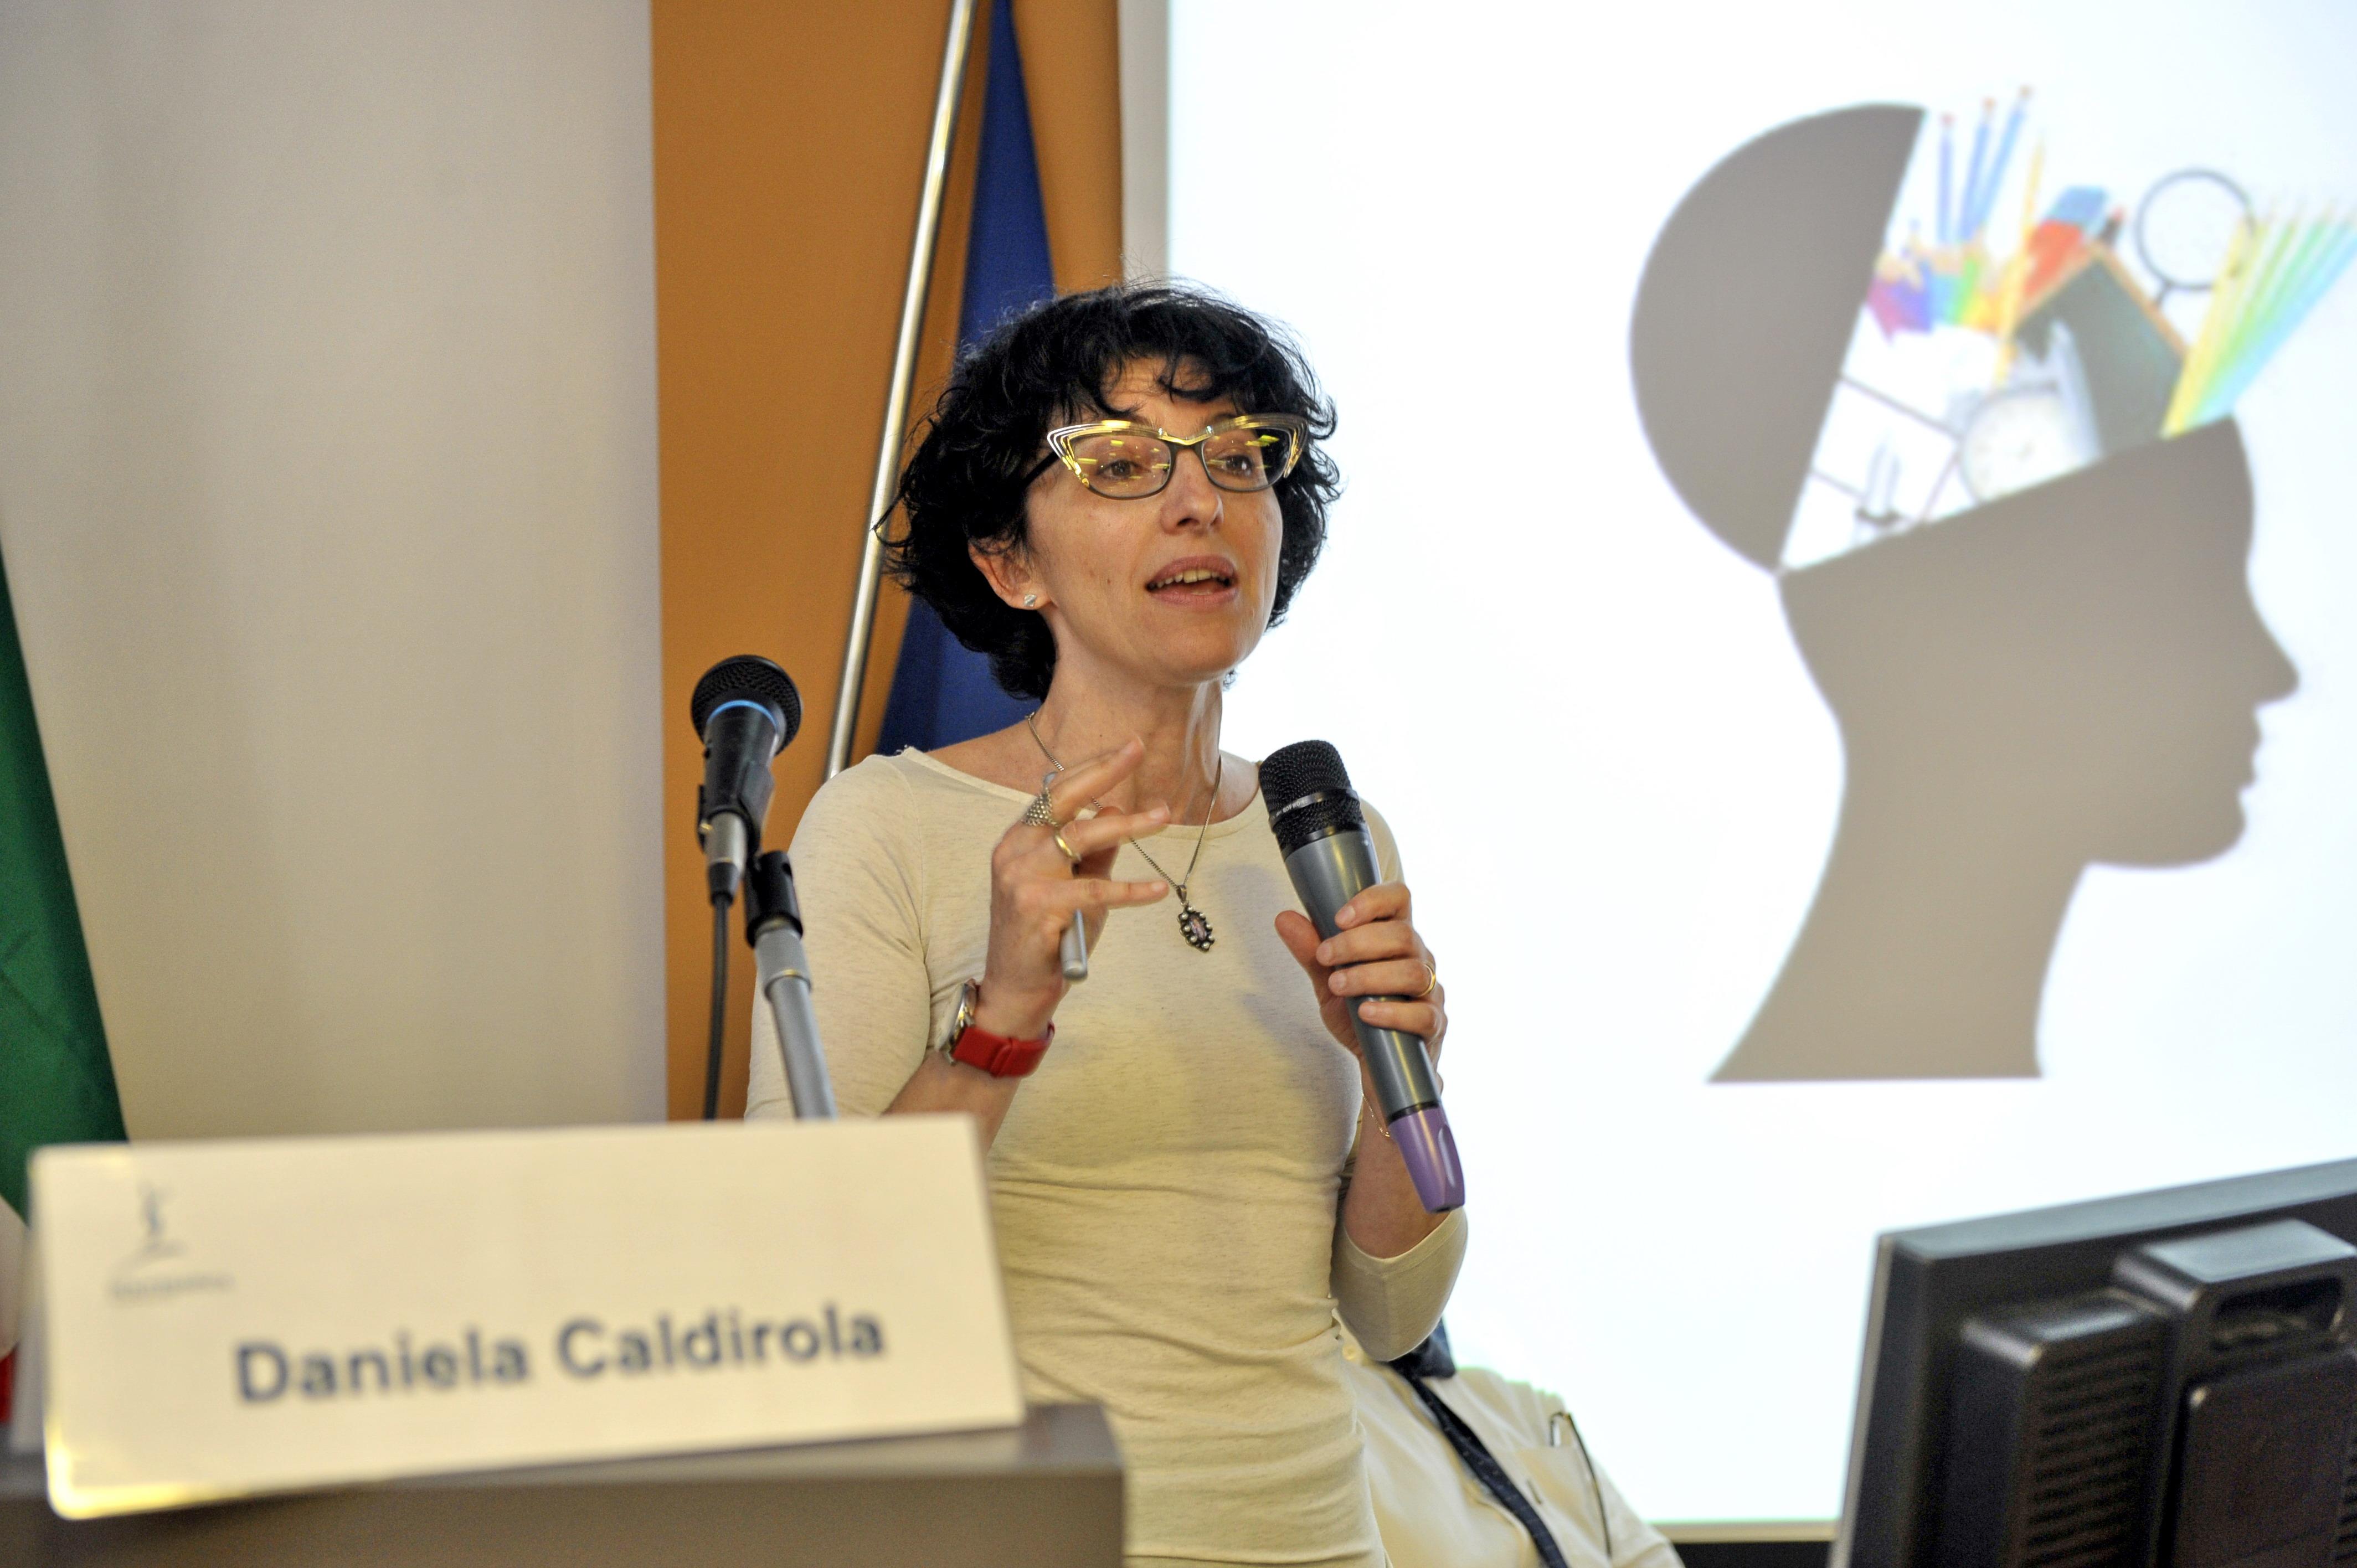 6.6.2015 - Interviene Daniela Caldirola, Psichiatra